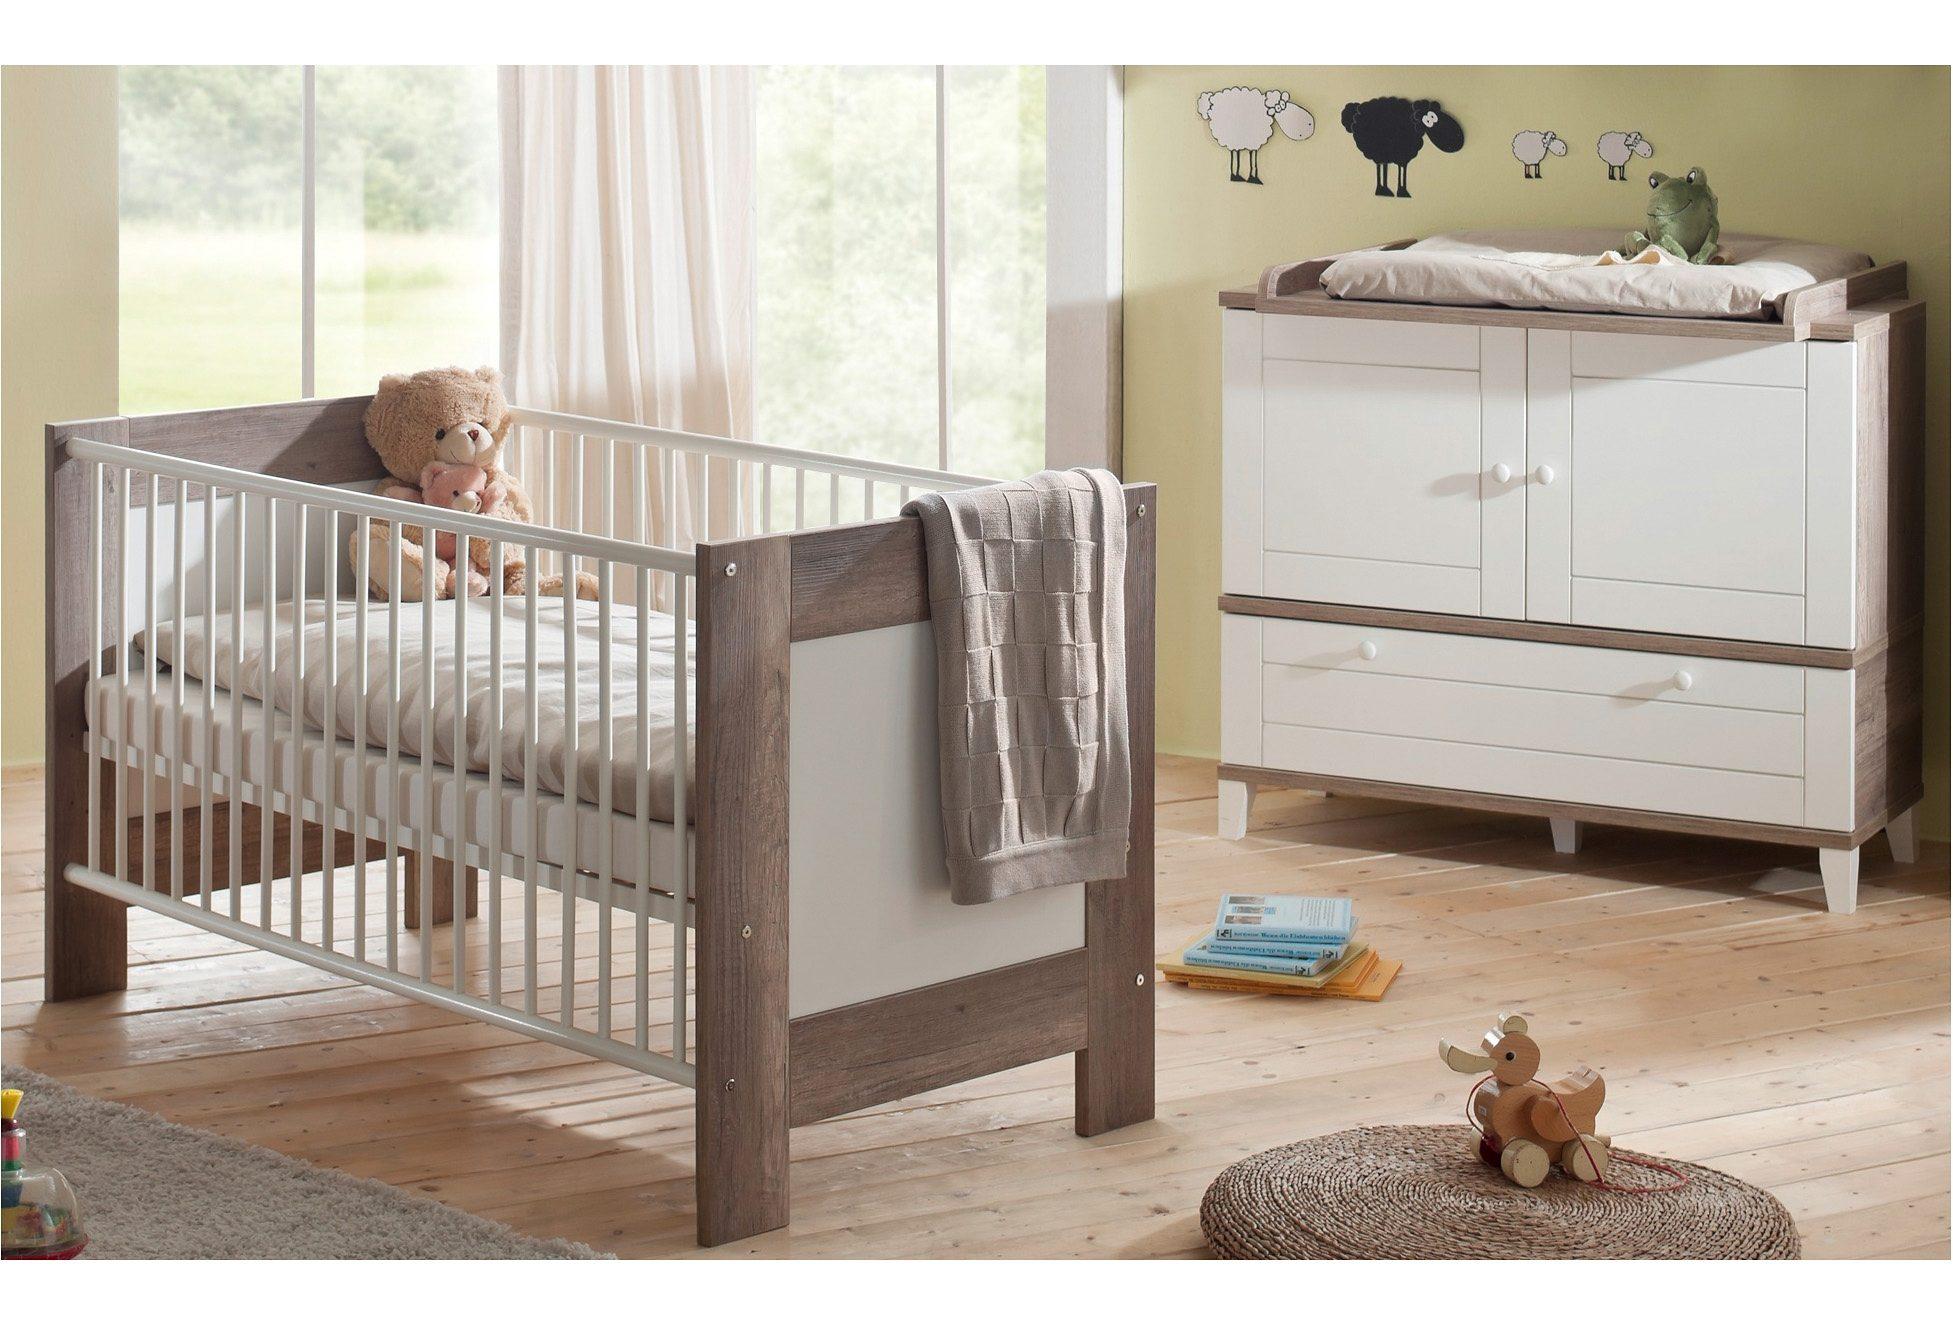 Babyzimmer Spar-Set: Babybett und Wickelkommode, »Bella«, in wildeiche trüffel/ weiß matt